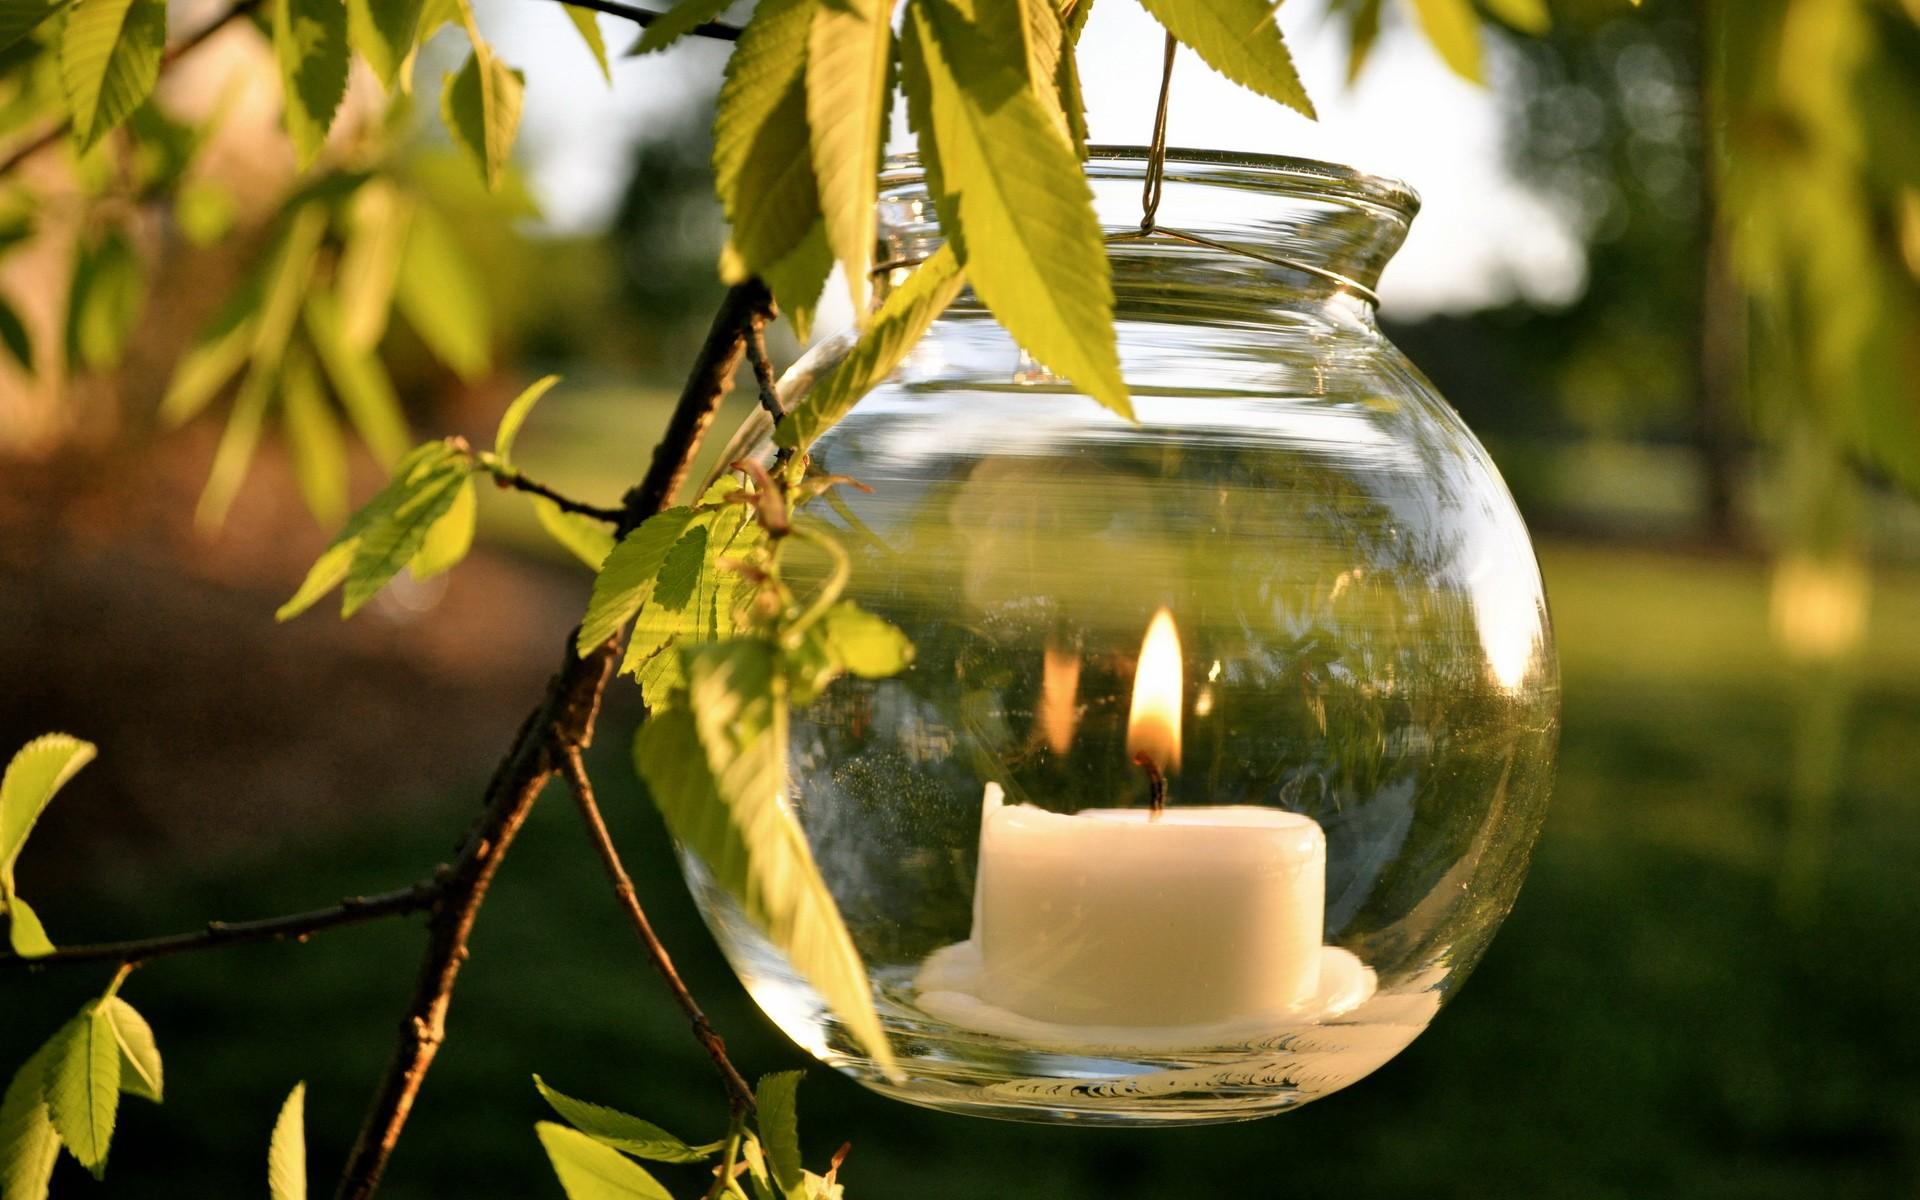 свечка, ваза, свет